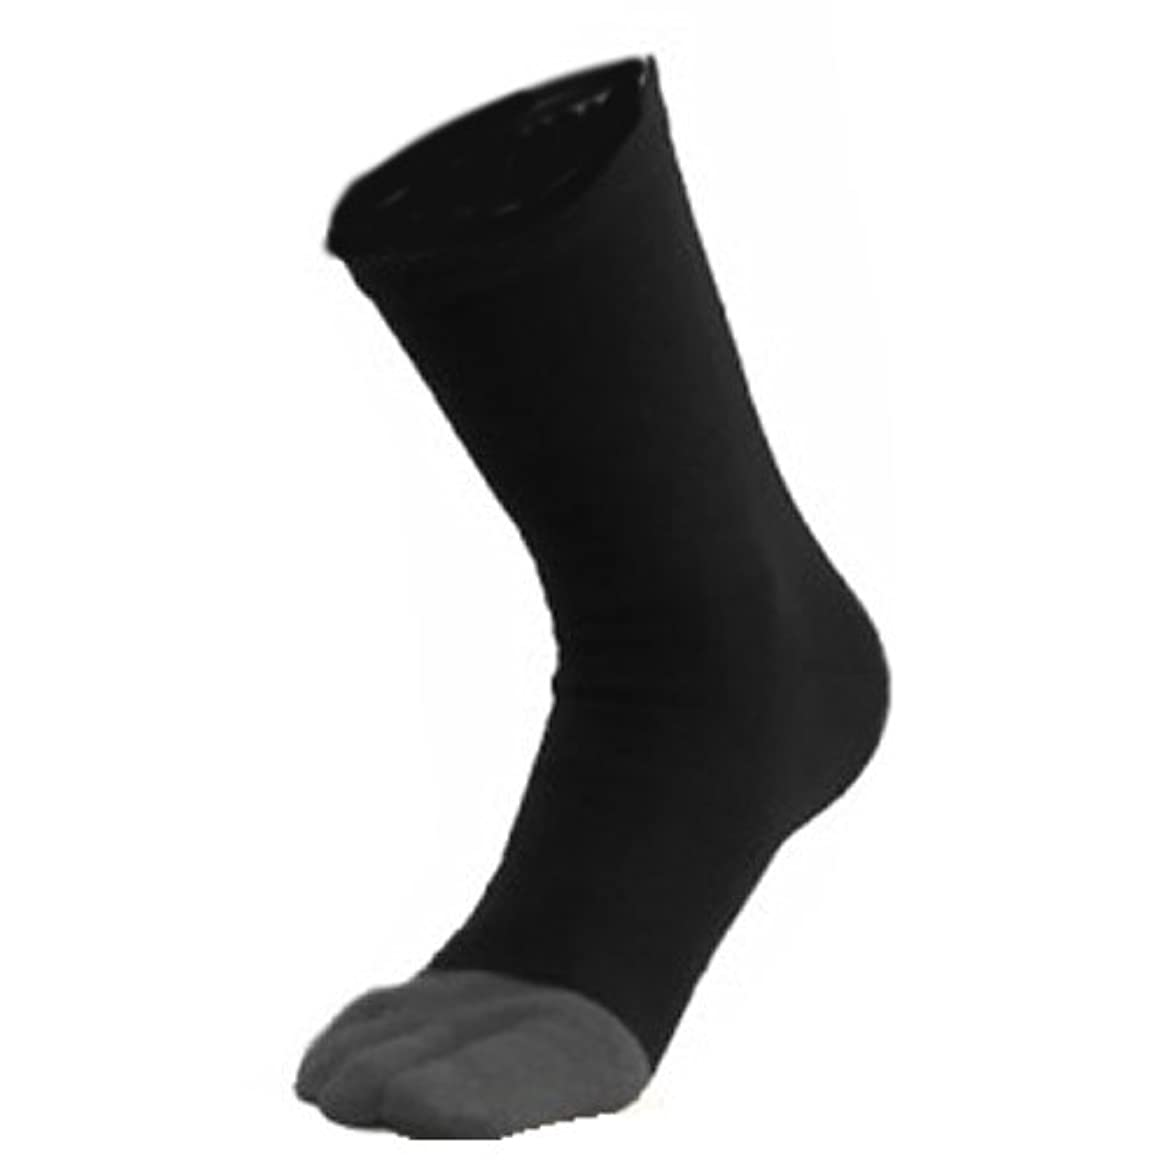 時刻表土地父方の指先まであったか靴下 ブラック×チャコールグレー